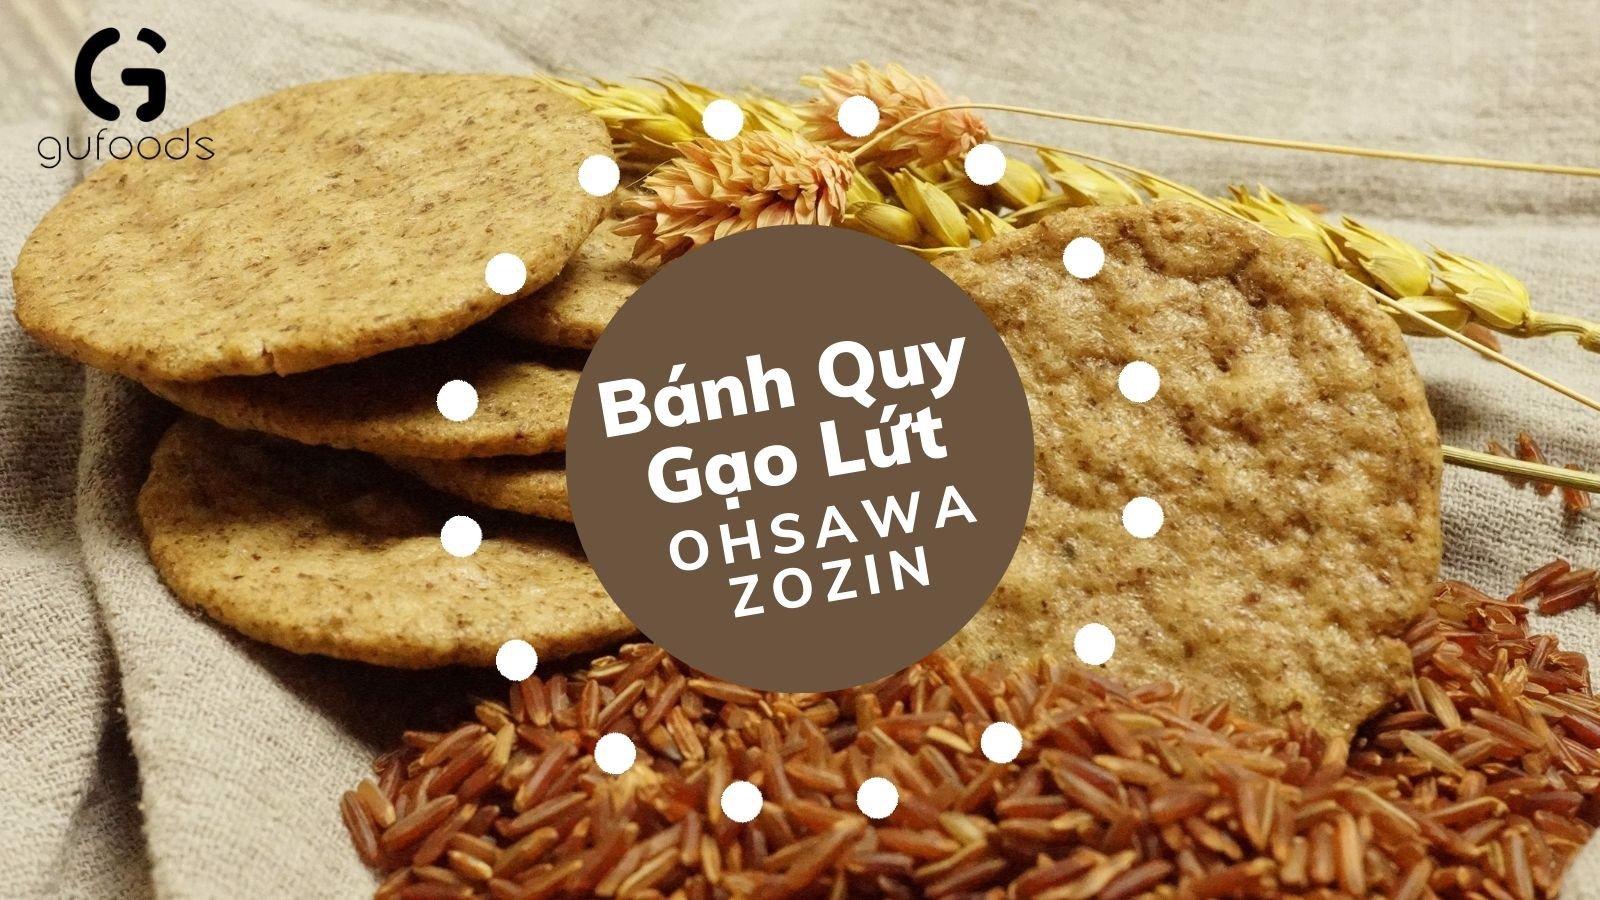 bánh quy gạo lứt ăn kiêng giảm cân